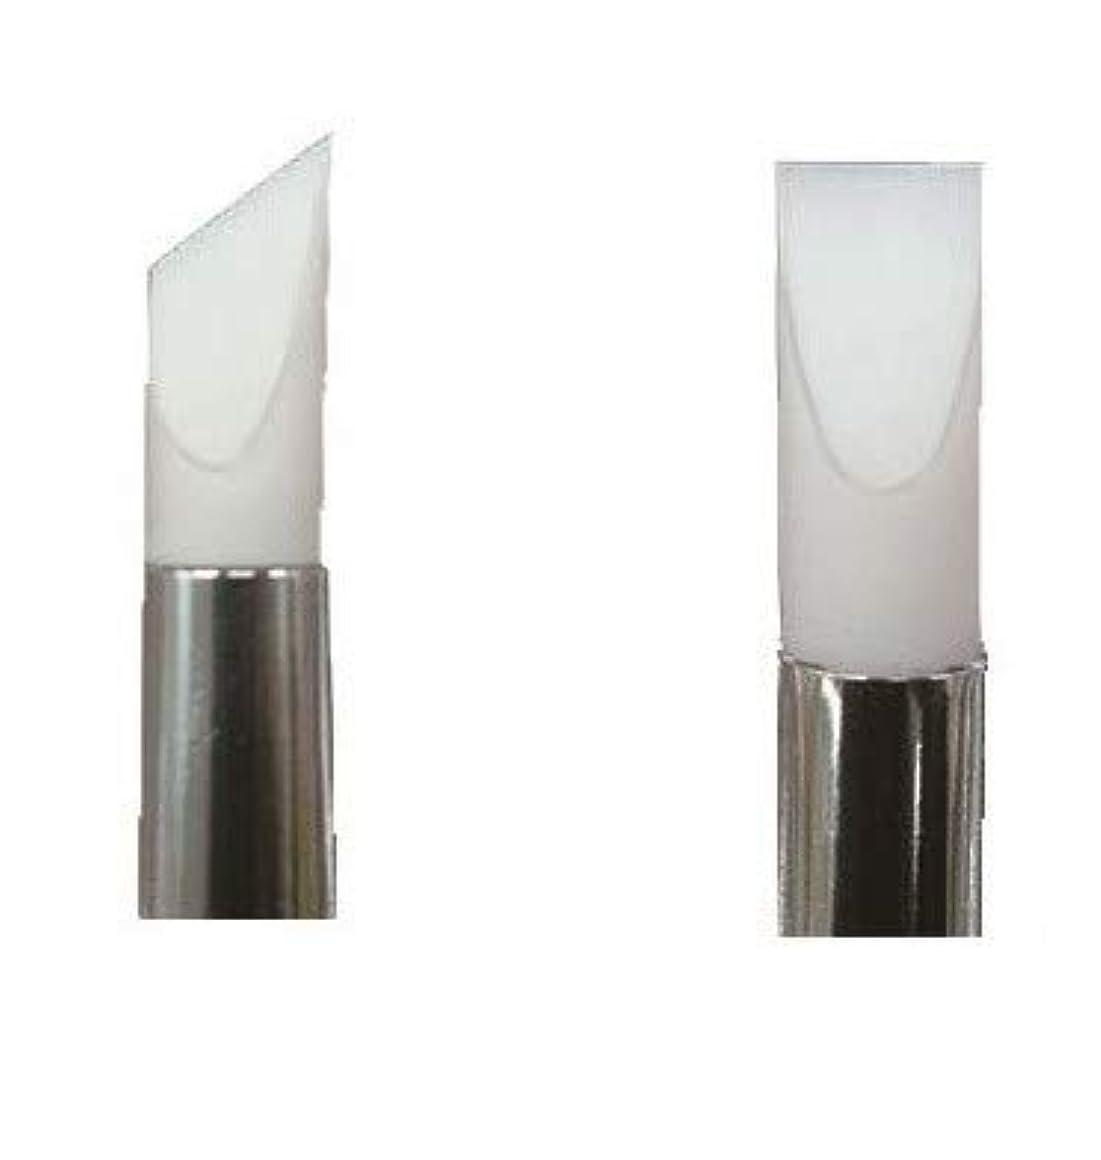 宣言鋼冷凍庫シリコンアートブラシ KF781 2本セット ジェル ネイル 爪 フラット フレンチ ライン アート はみ出し 修正 ブラシ 筆 シリコン